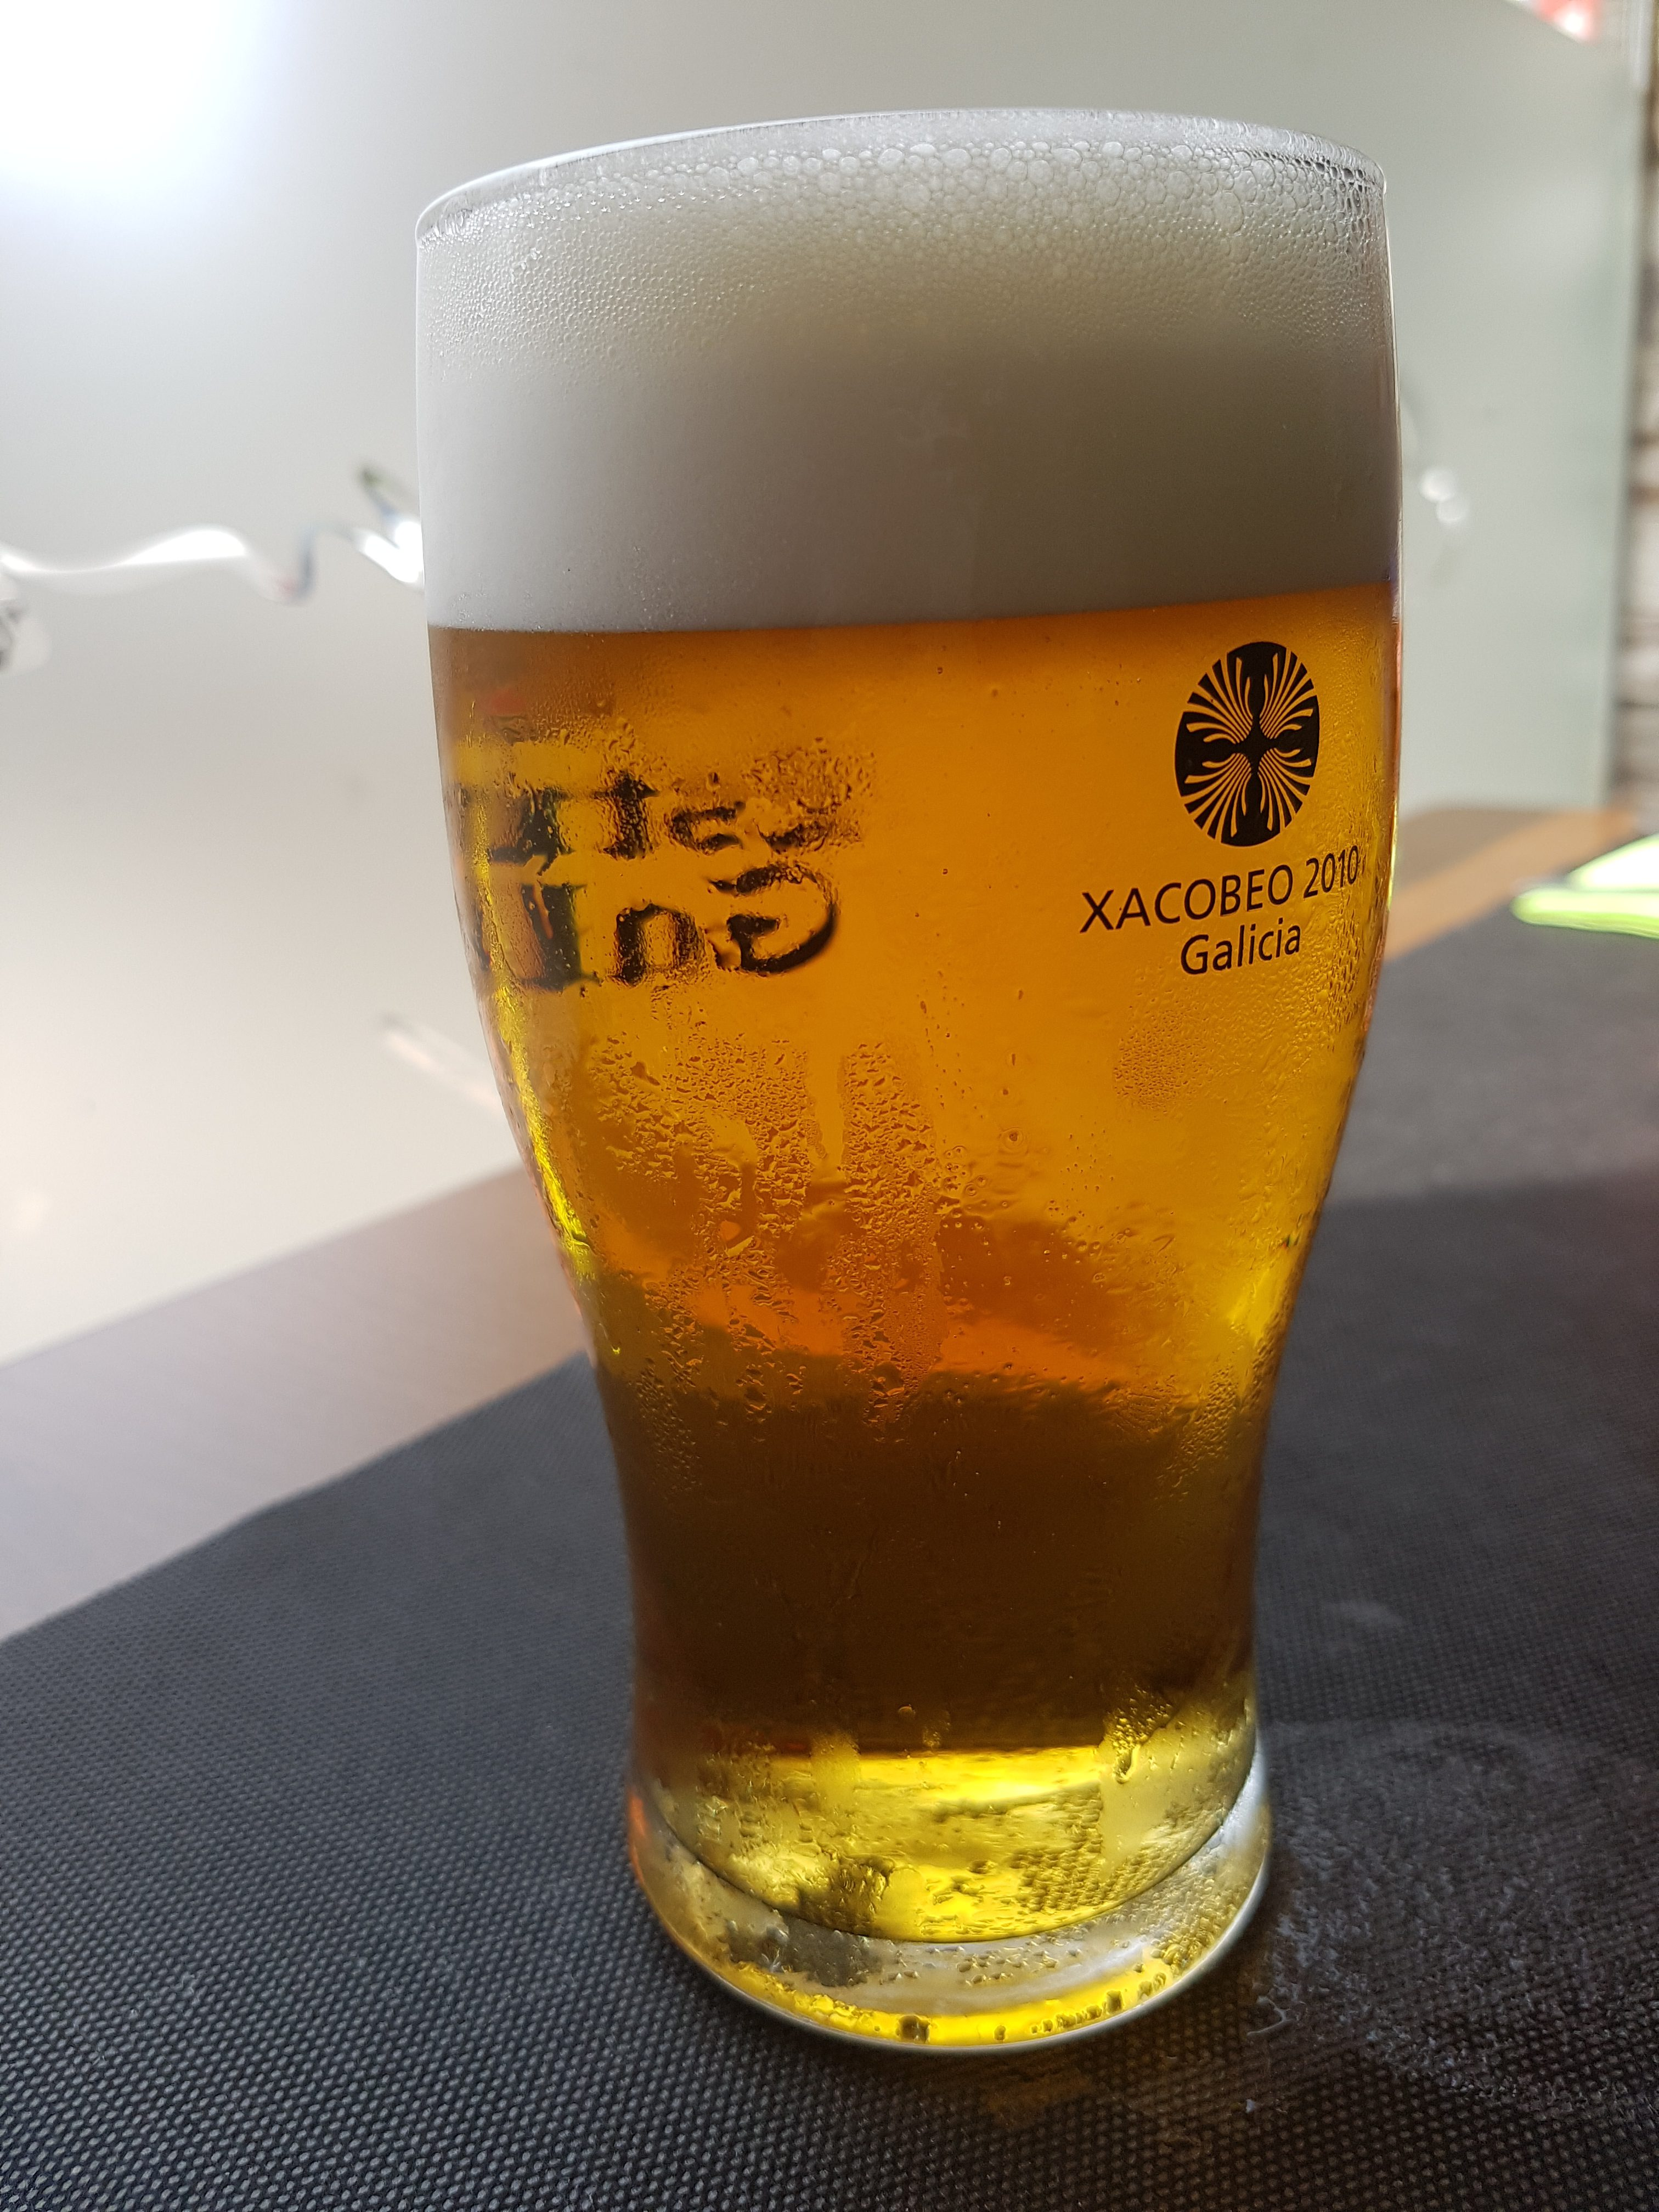 Cerveza: en boca de todos, no hay otra rubia igual